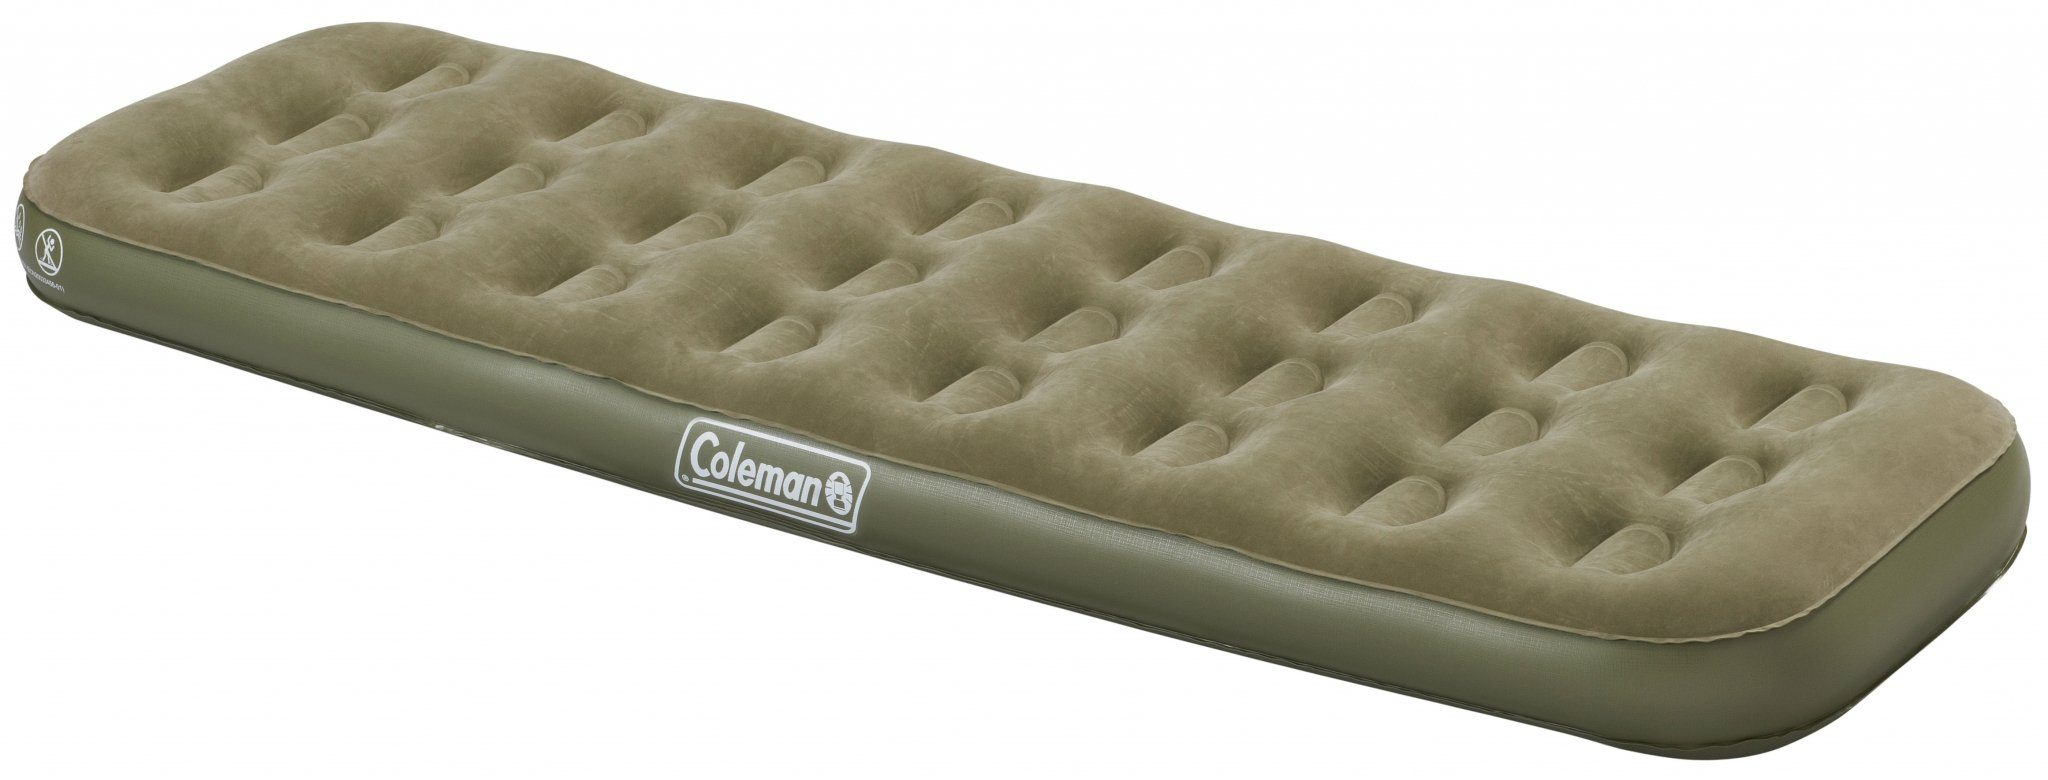 Coleman Bett & Liegen »Comfort Compact Air Bed Single«